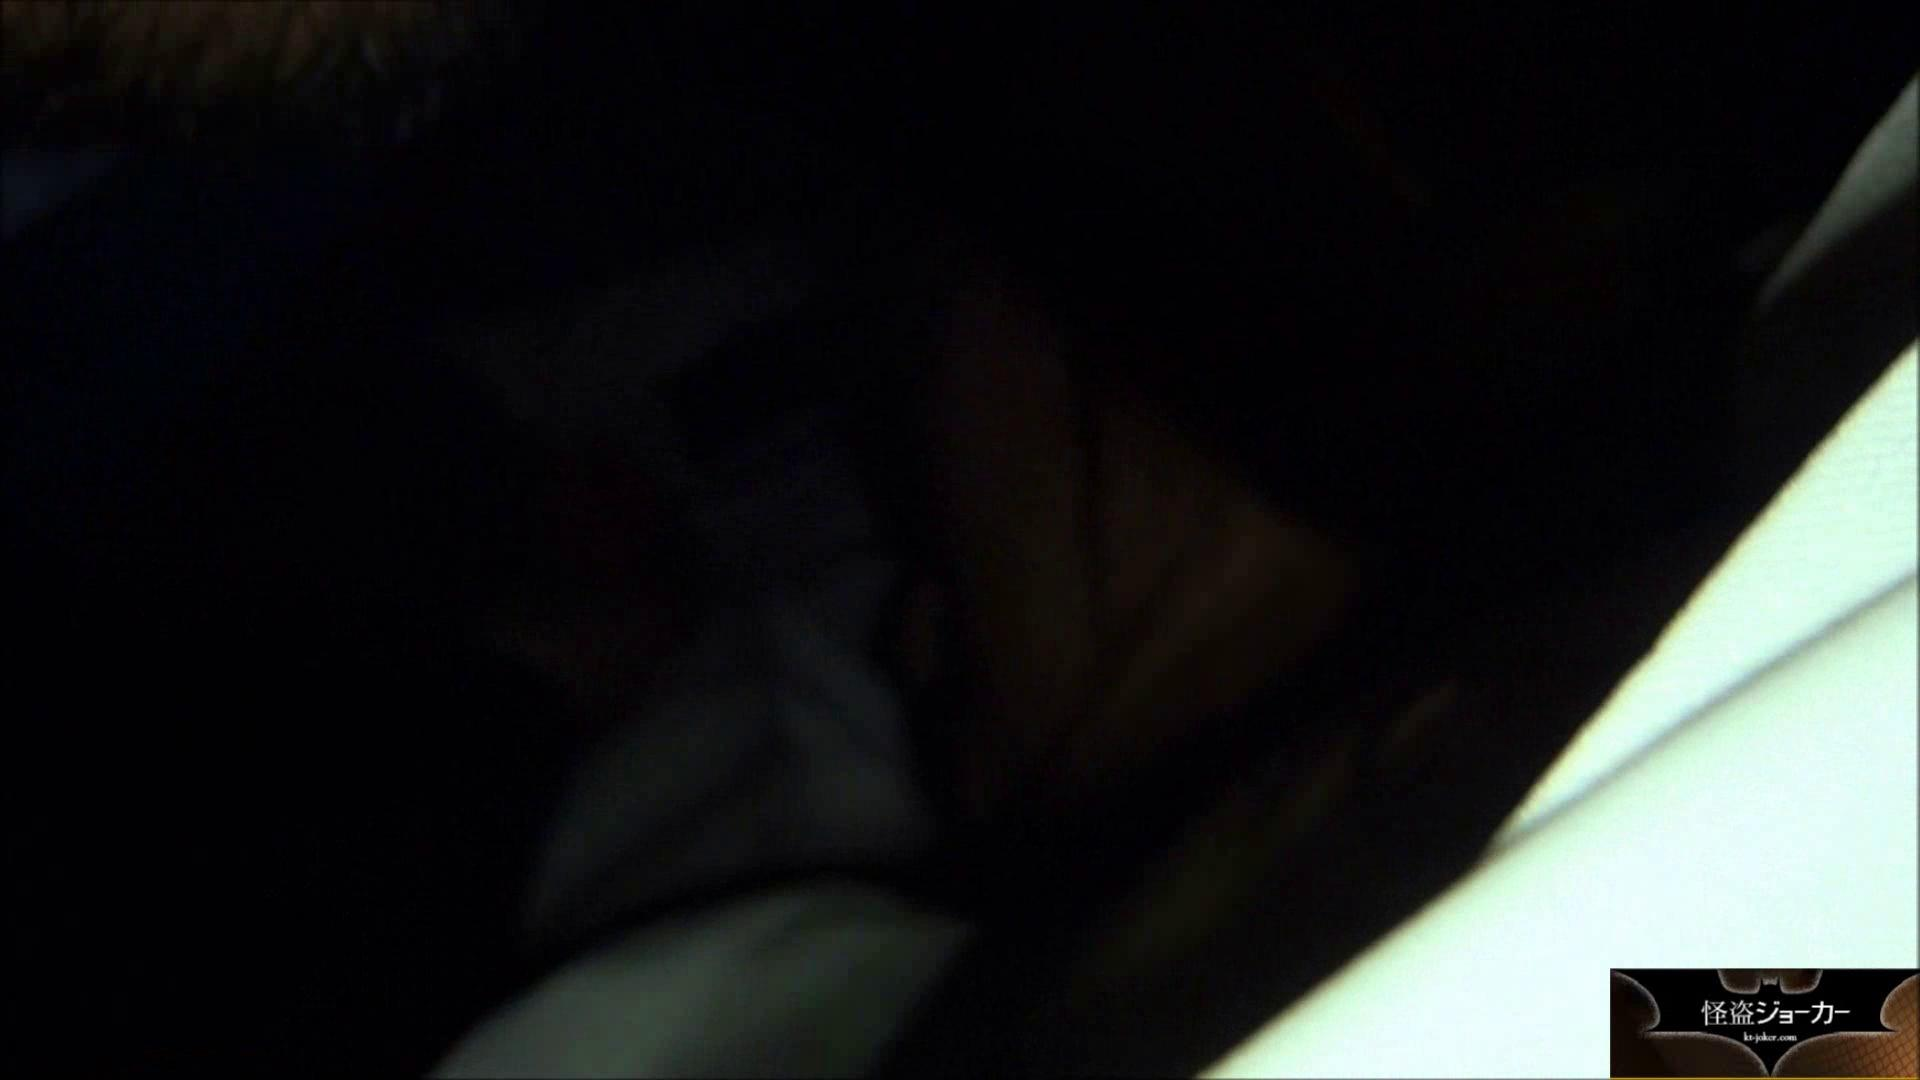 【未公開】vol.40 【レイカの後輩】伊吹ちゃん*撮影と言って呼び出して・・・ フェチ  108PIX 15